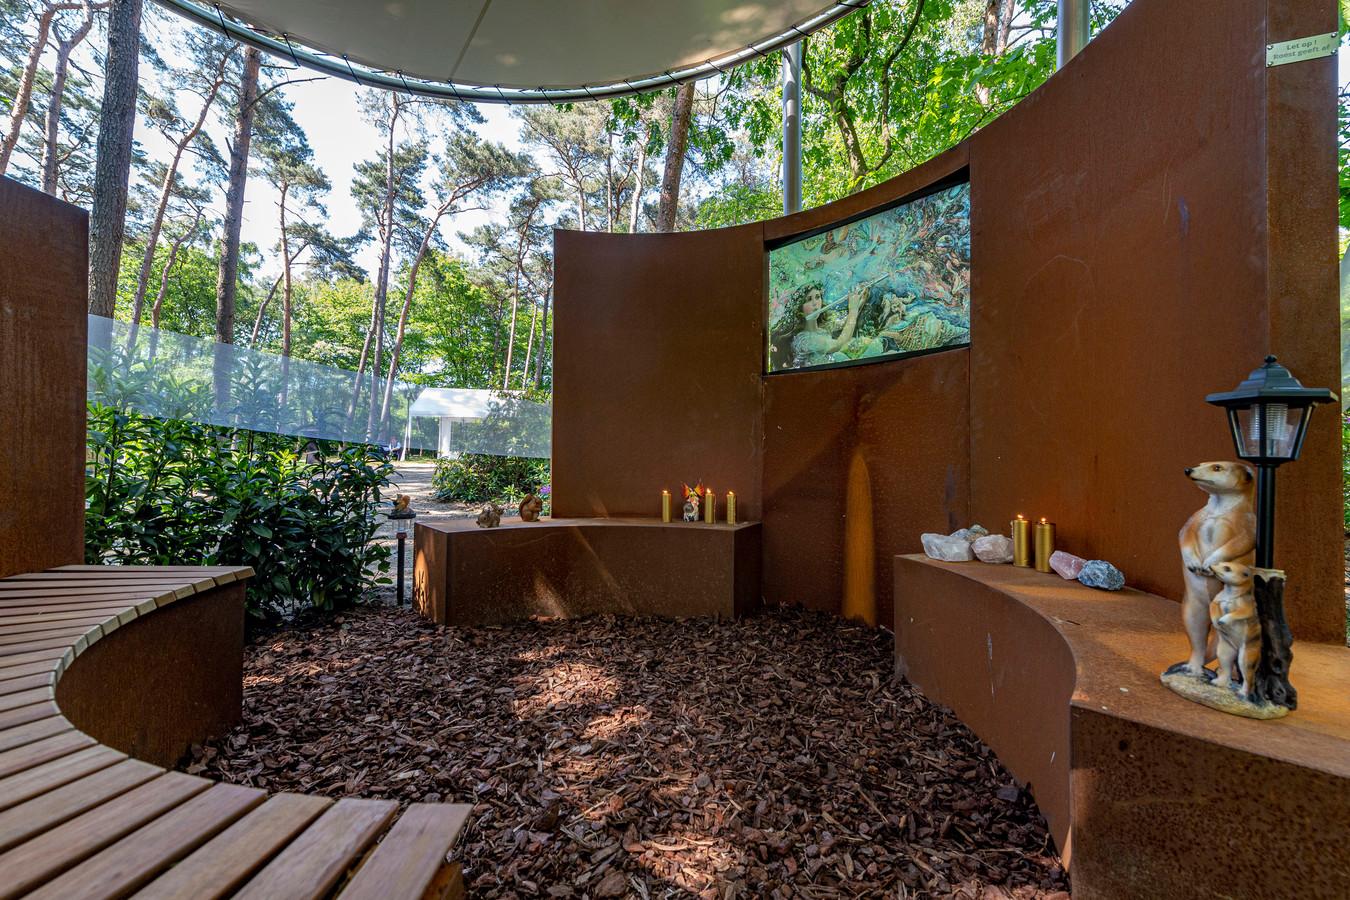 In de urnentuin van crematorium Zoomstede staat een nieuw stiltemonument . Die is speciaal voor iedereen die een miskraam heeft gekregen of een doodgeboren kindje. Roosendaal heeft nu ook zo'n monumentje.